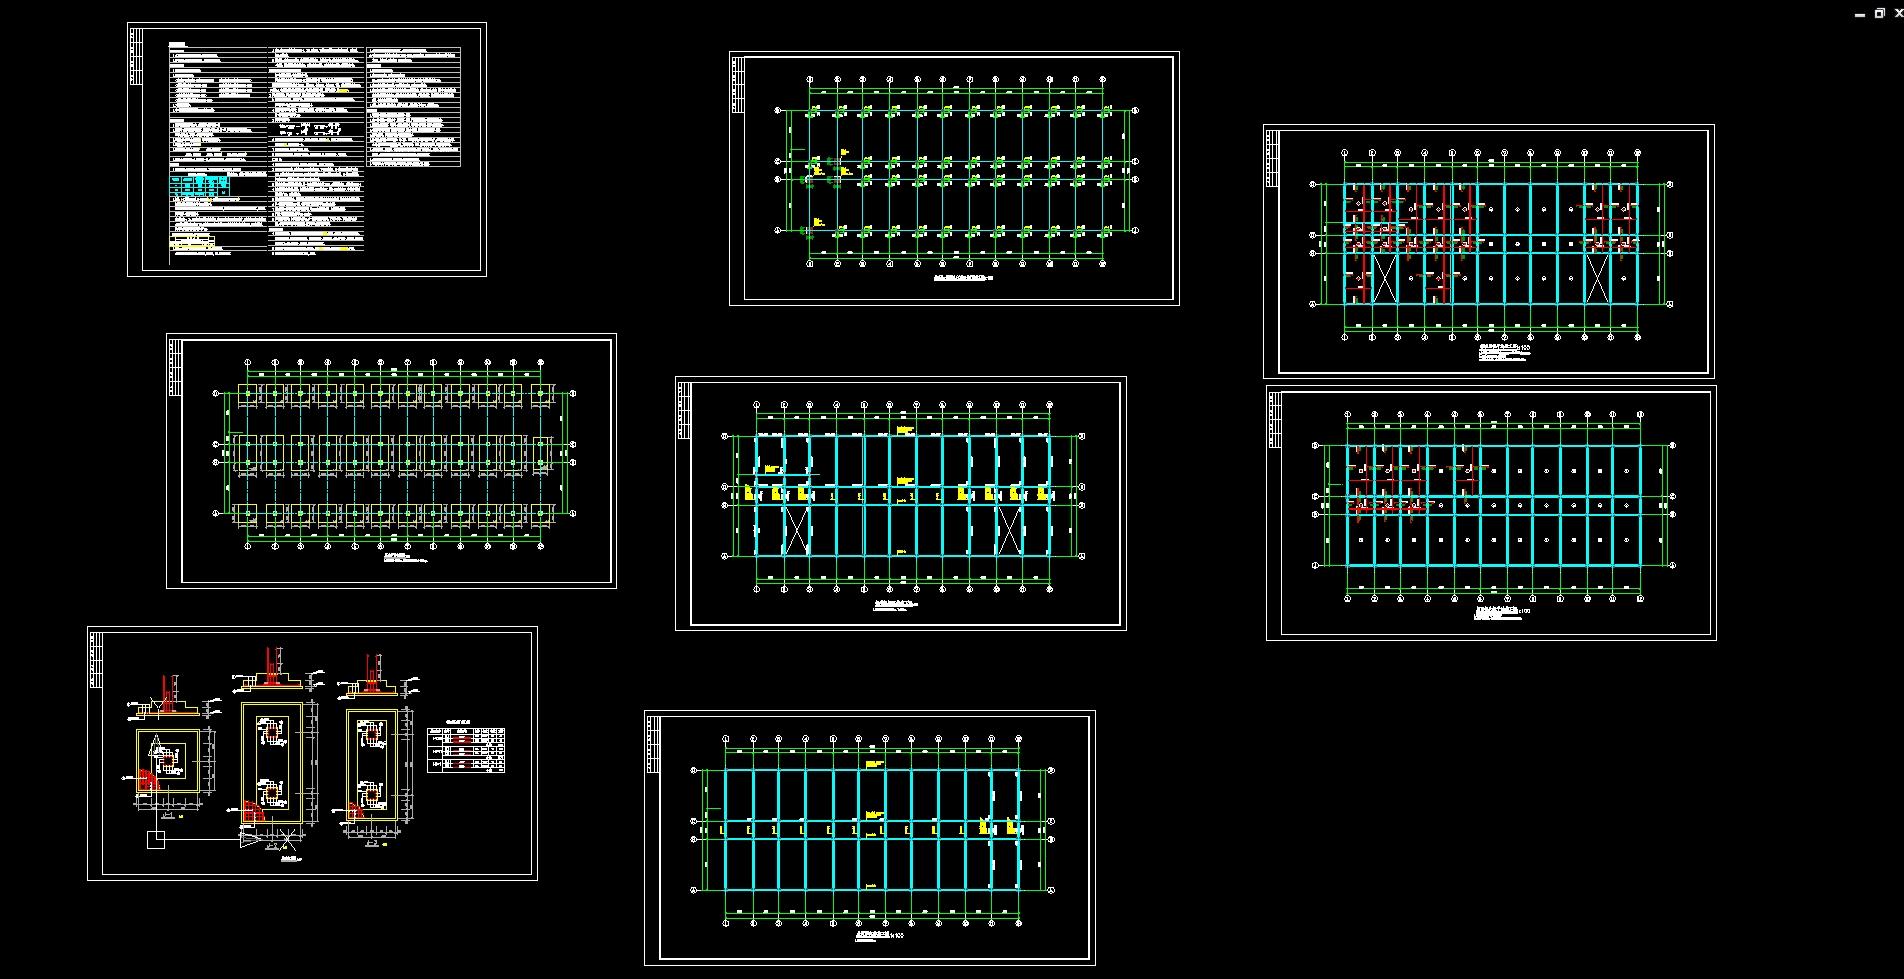 三层2943平米教学楼框架结构设计(建筑图,结构图)(开题报告,计算书28000字,建筑图9张,结构图7张) 本设计安康市某4#教学楼。该大楼层数为3层,主框架高度为10.8m,结构类型为钢筋混凝土框架结构。 1.1 设计原始资料 1.1.1 工程概况 该工程为现浇钢筋混凝土框架结构,建筑面积2943.